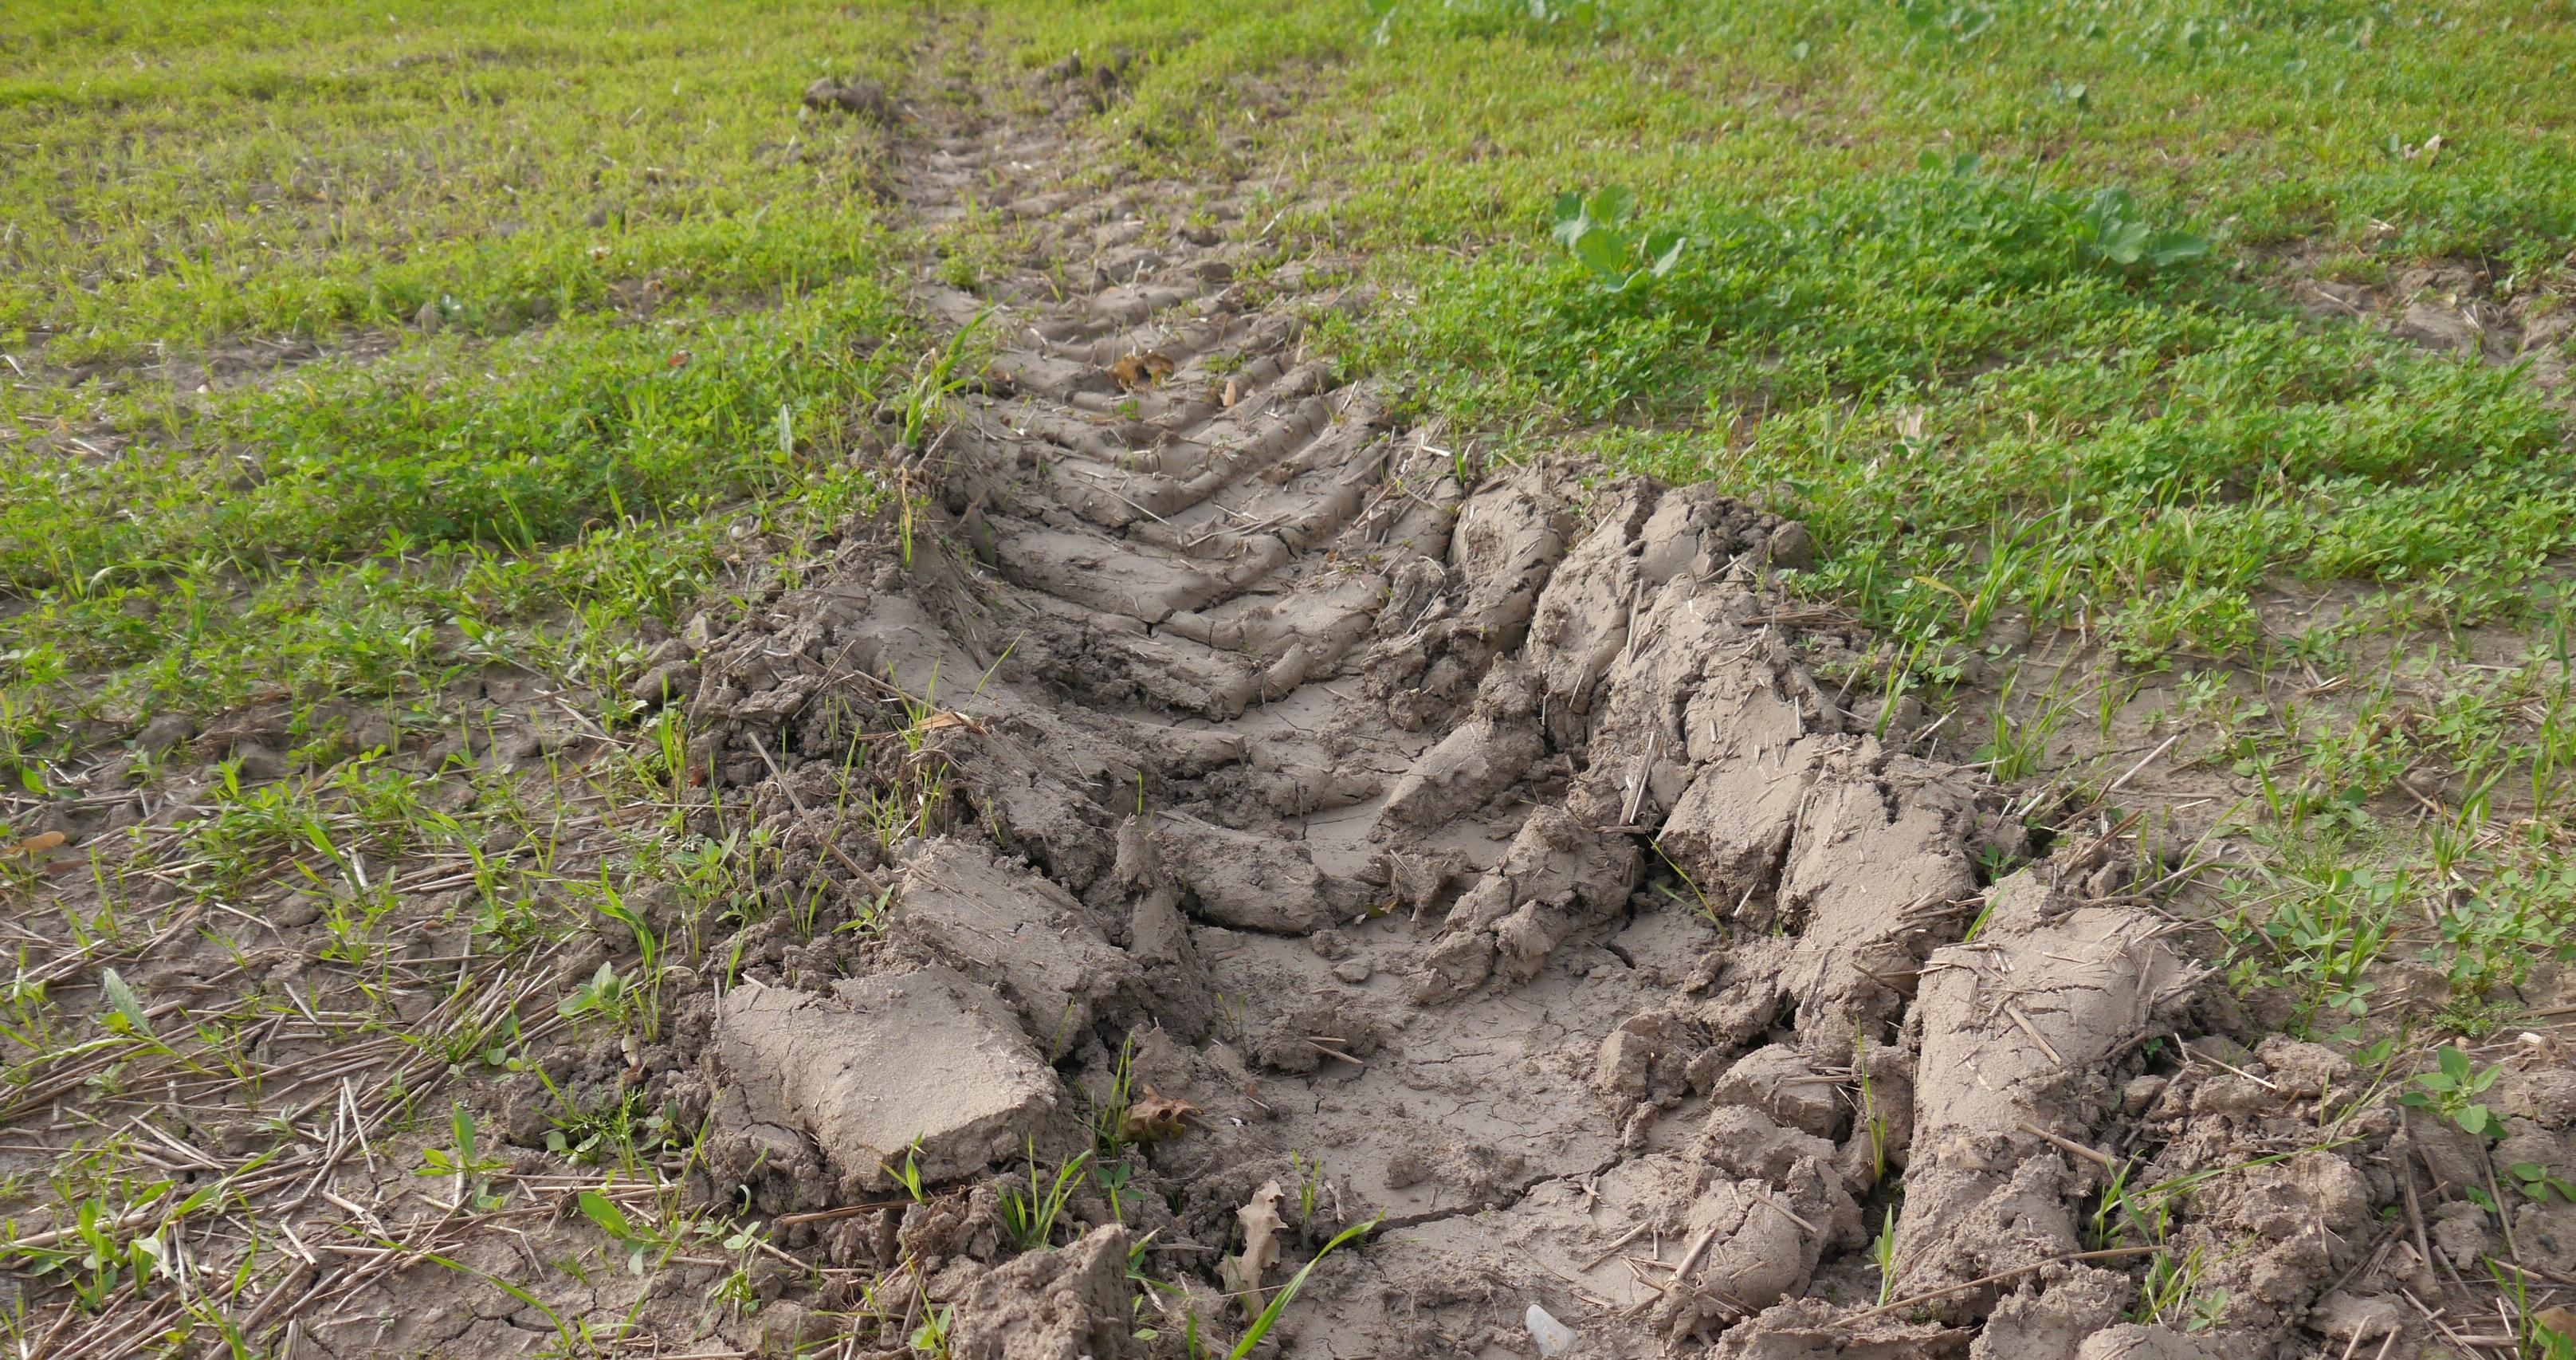 Soil compaction | Umweltbundesamt